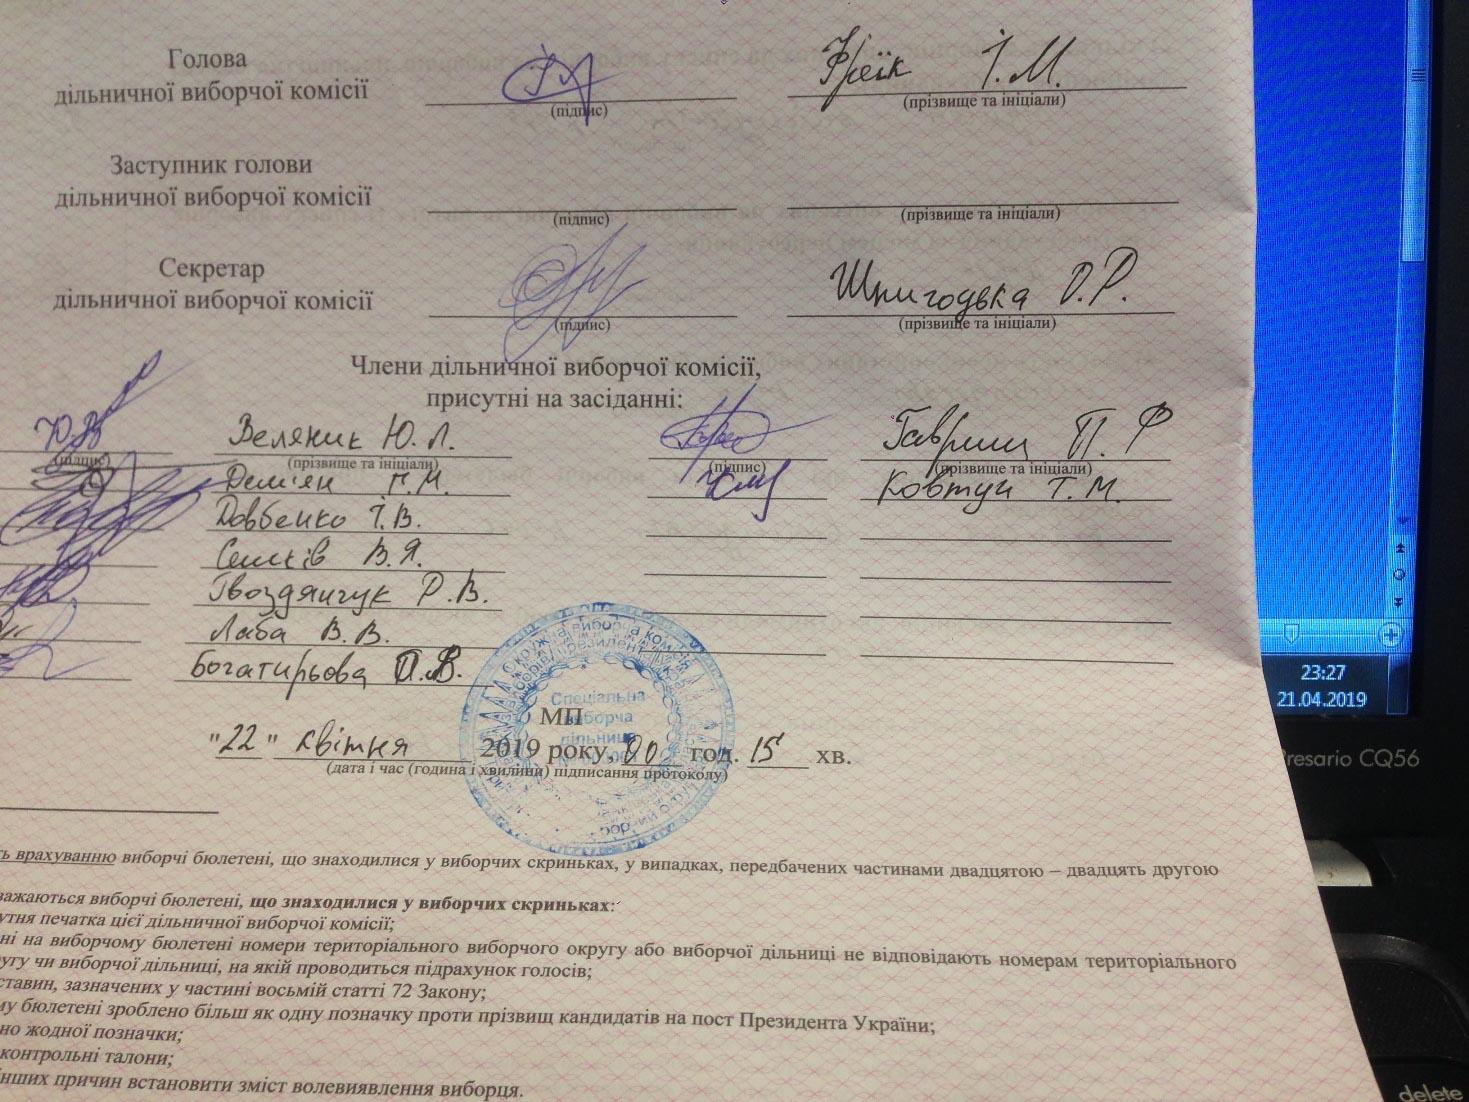 На Прикарпатті члени ДВК підписують «протоколи майбутнього» заради більшої оплати (ФОТО, ВІДЕО)